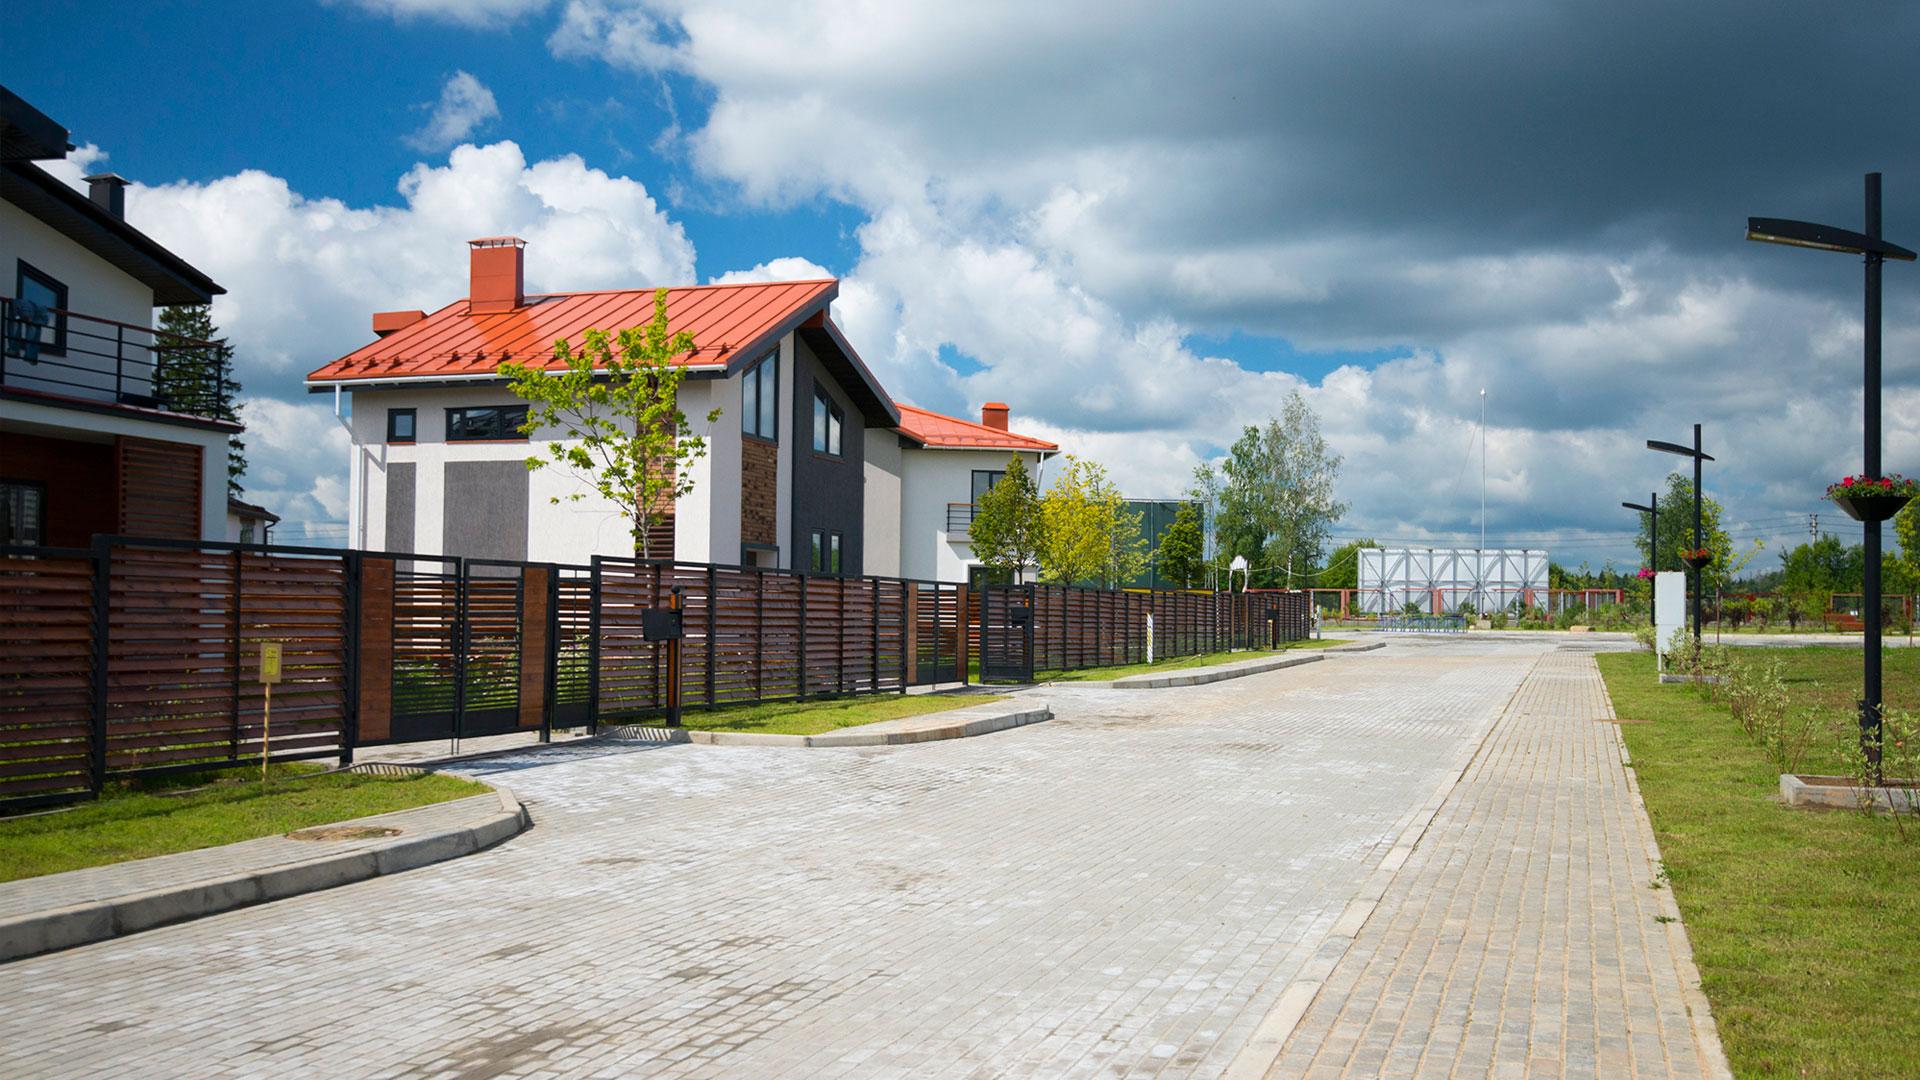 Улица коттеджного поселка Берег Песочной, Истринский район Московской области.